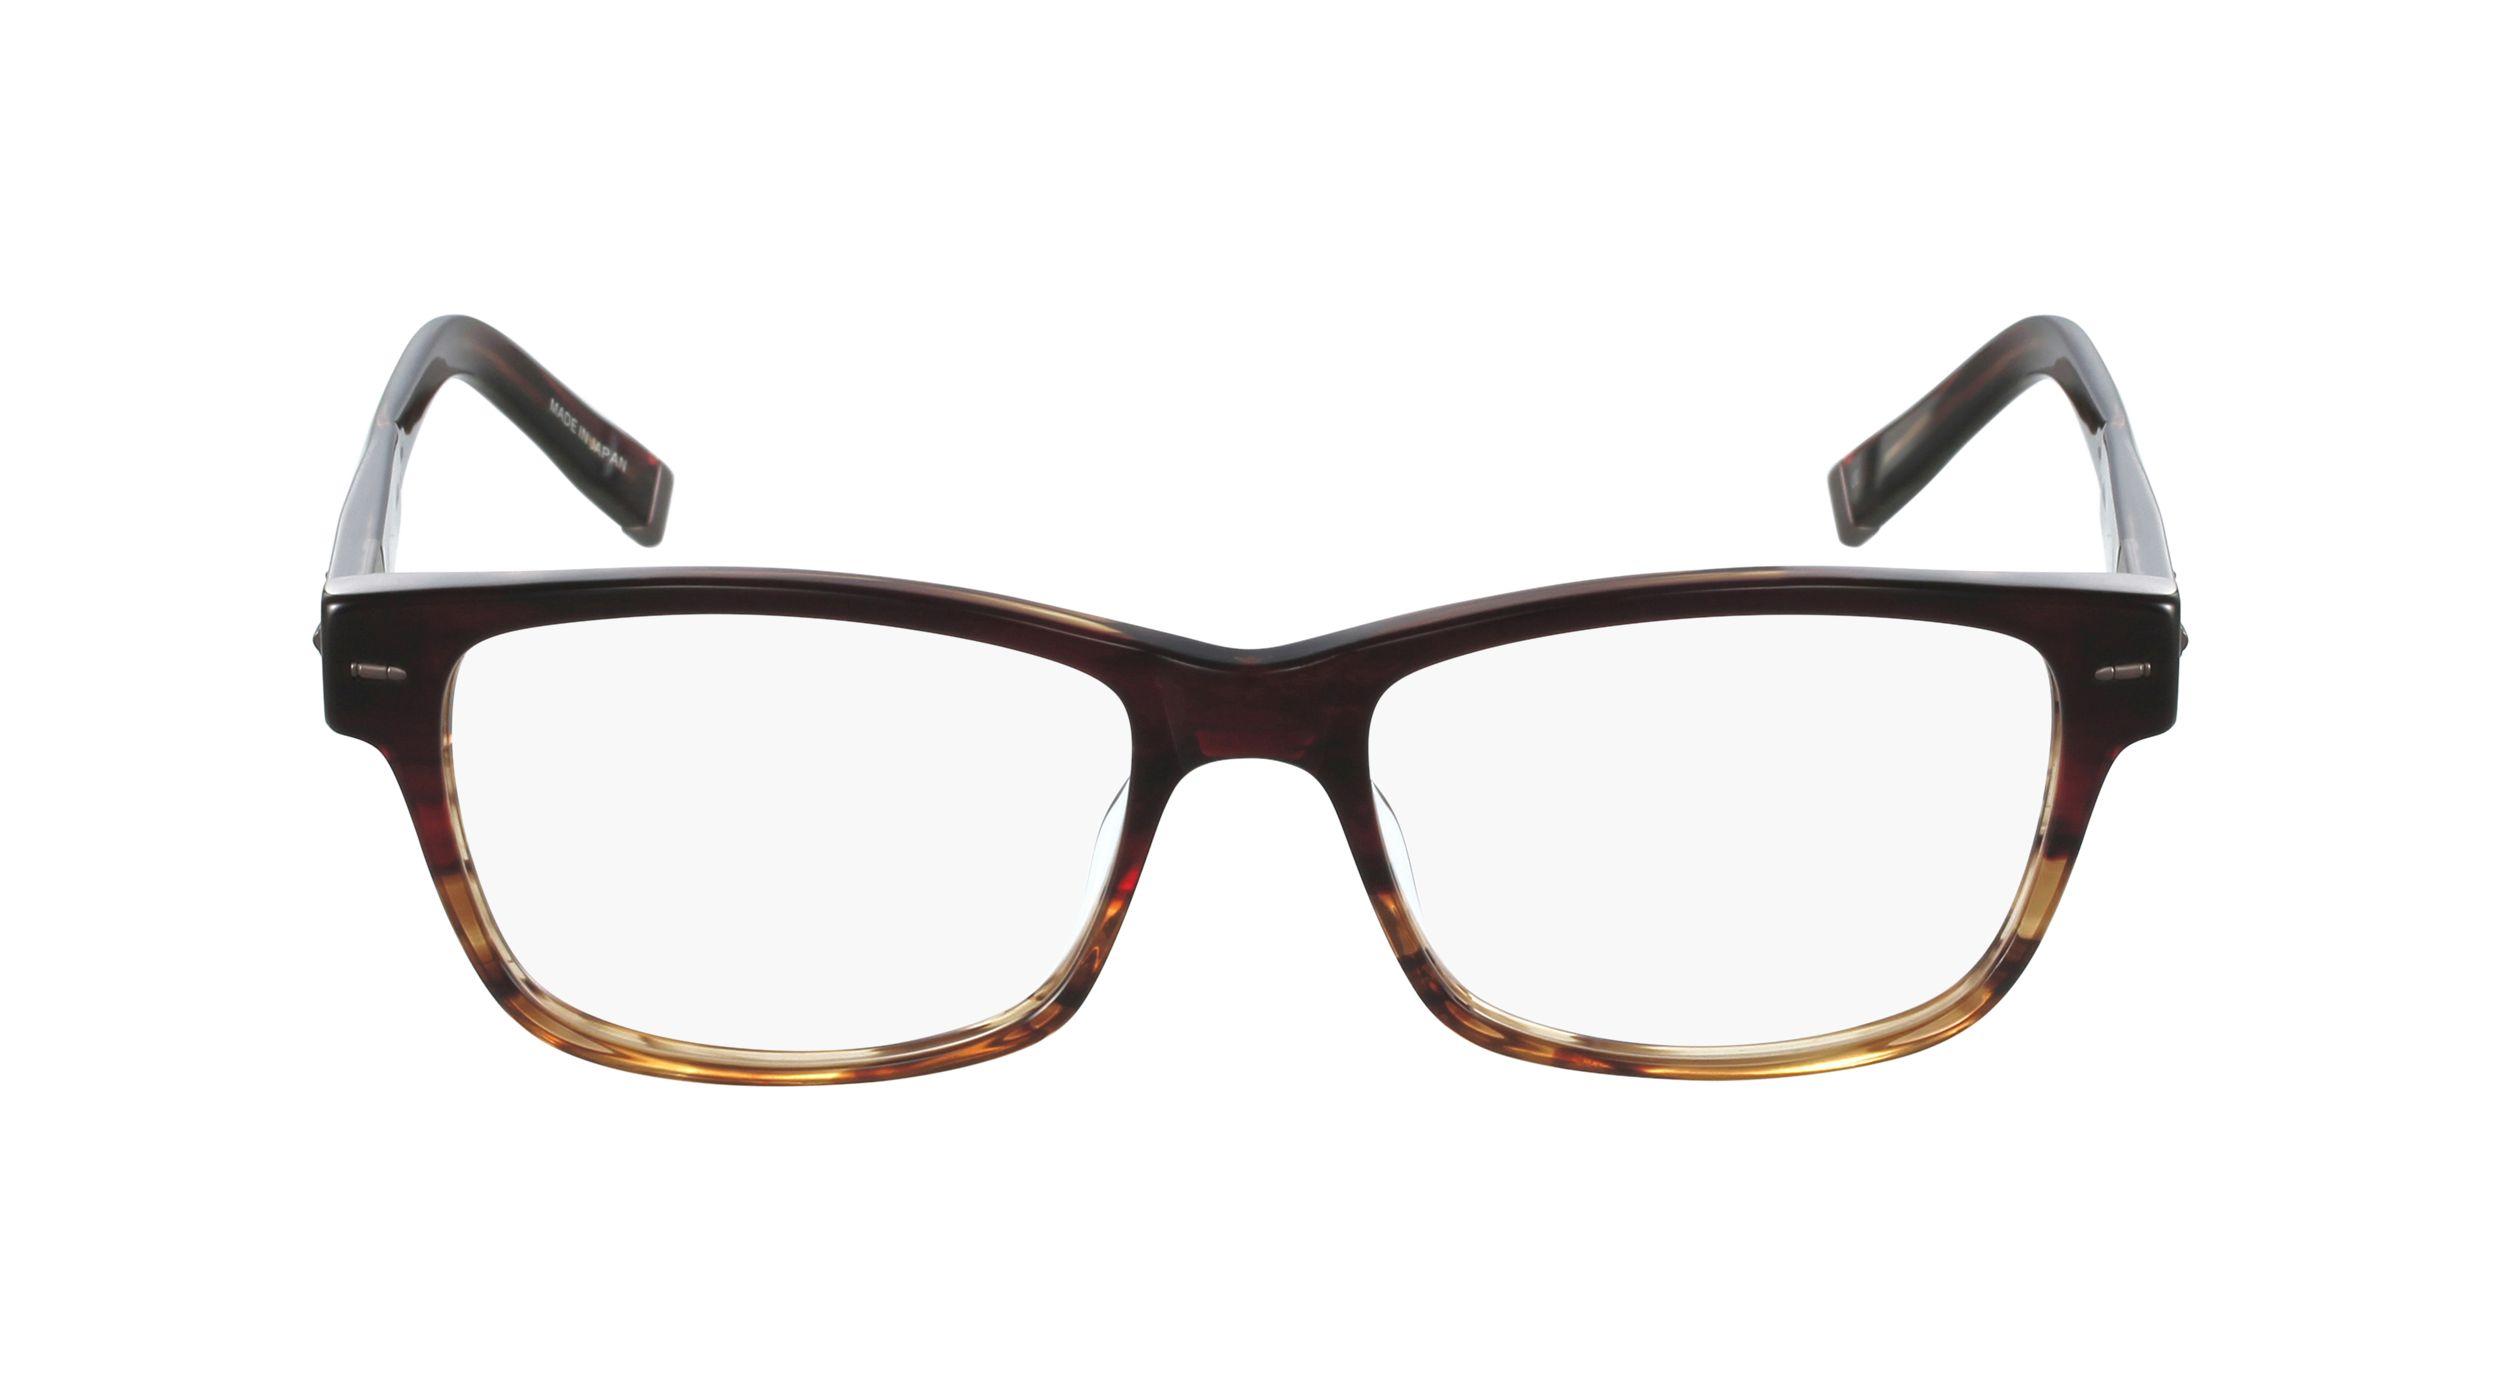 61f7a4e031 JOHN VARVATOS V361 UF Eyeglasses